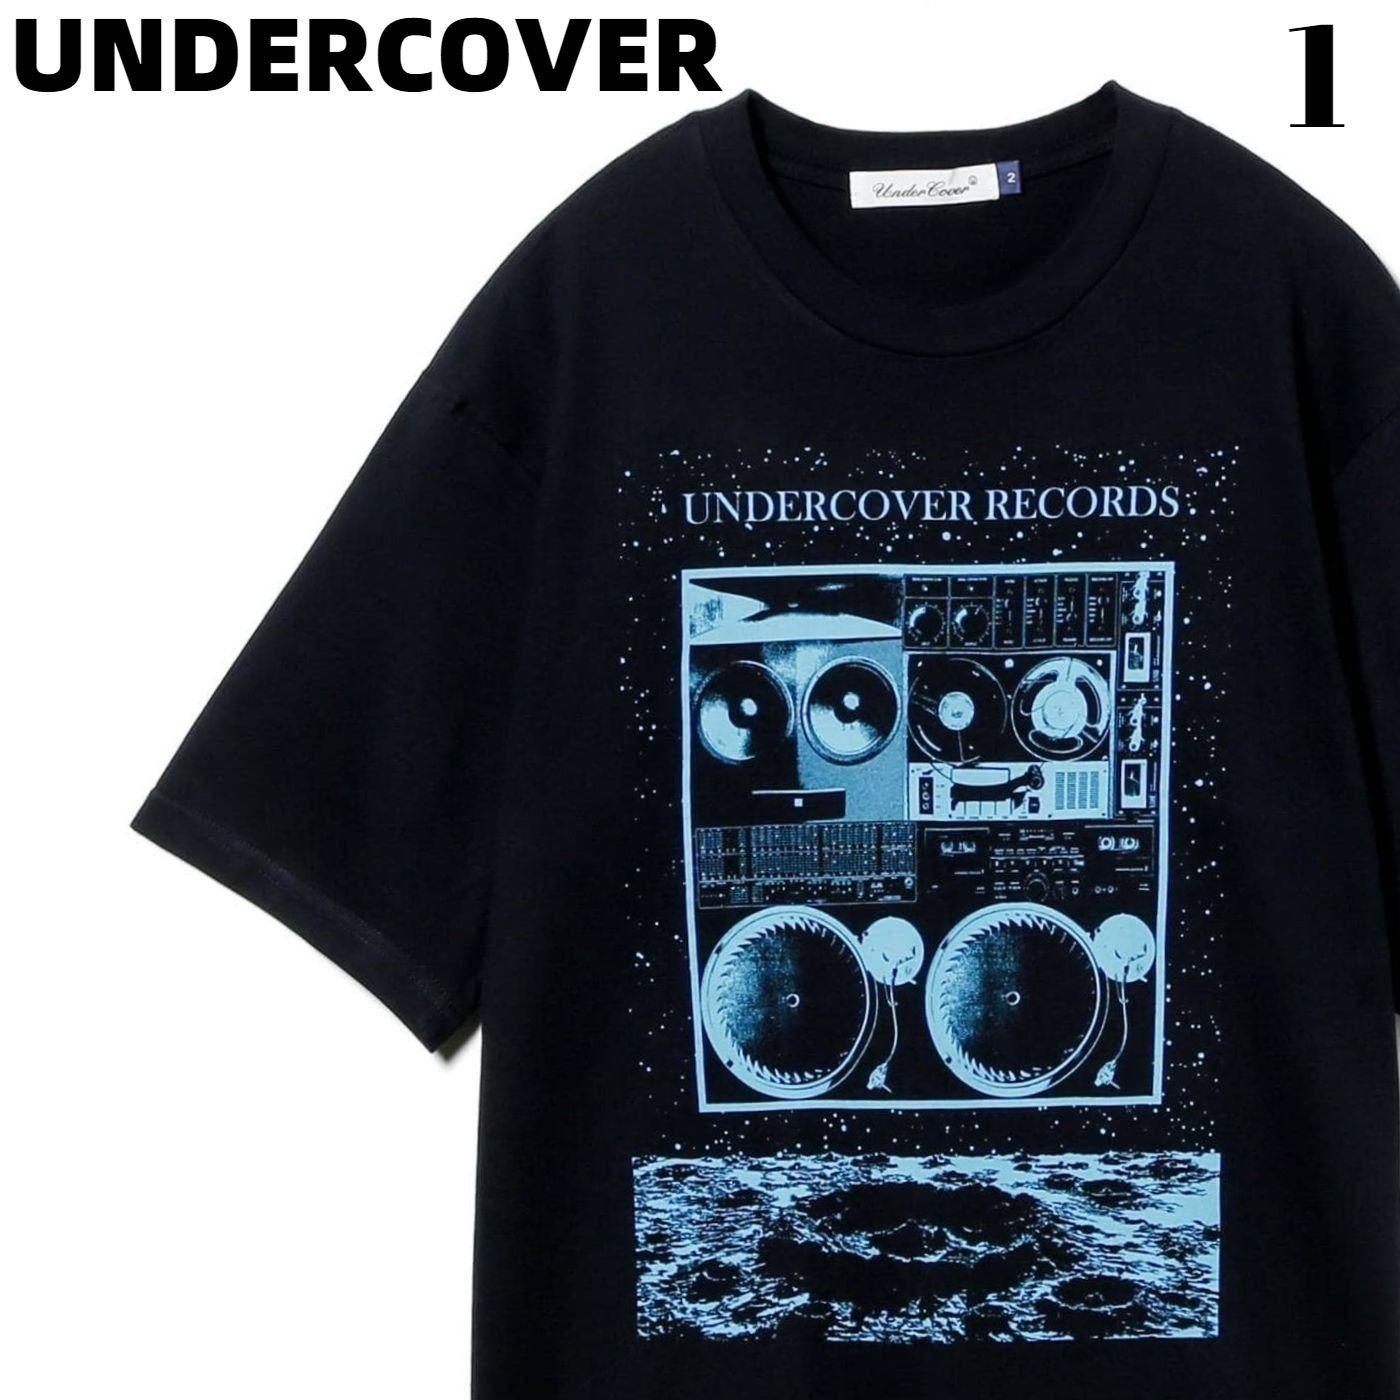 トップス, Tシャツ・カットソー 1 C.BLACKUNDERCOVER MOON UC RECORDS Tee UC1A3803 T Under Cover